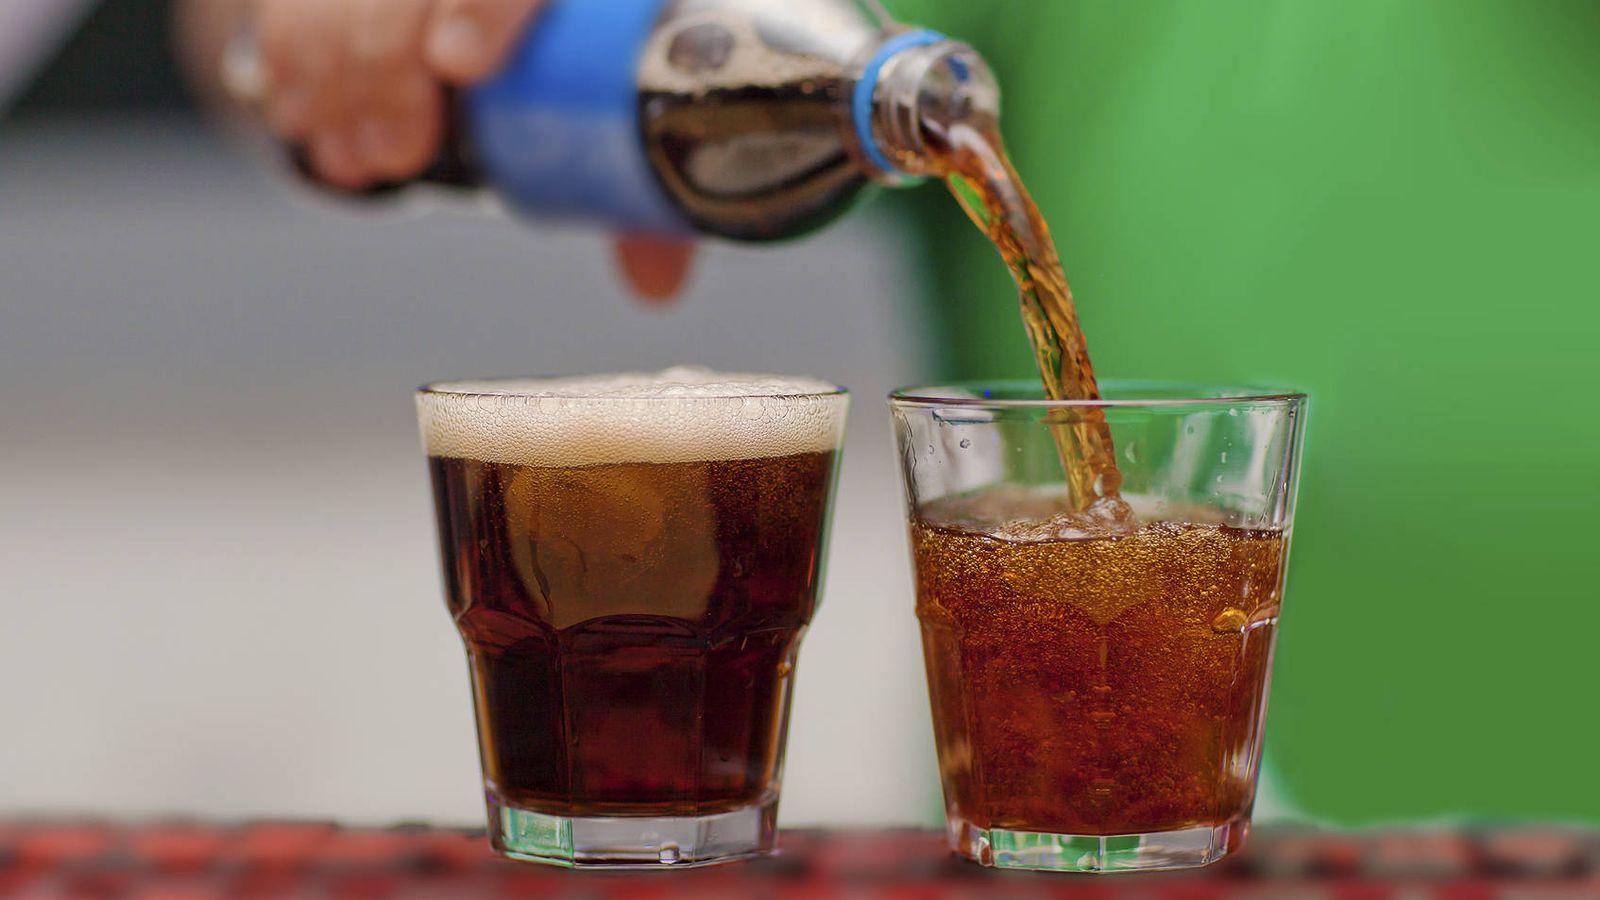 Salud: El peligro para la salud de tomar dos refrescos al